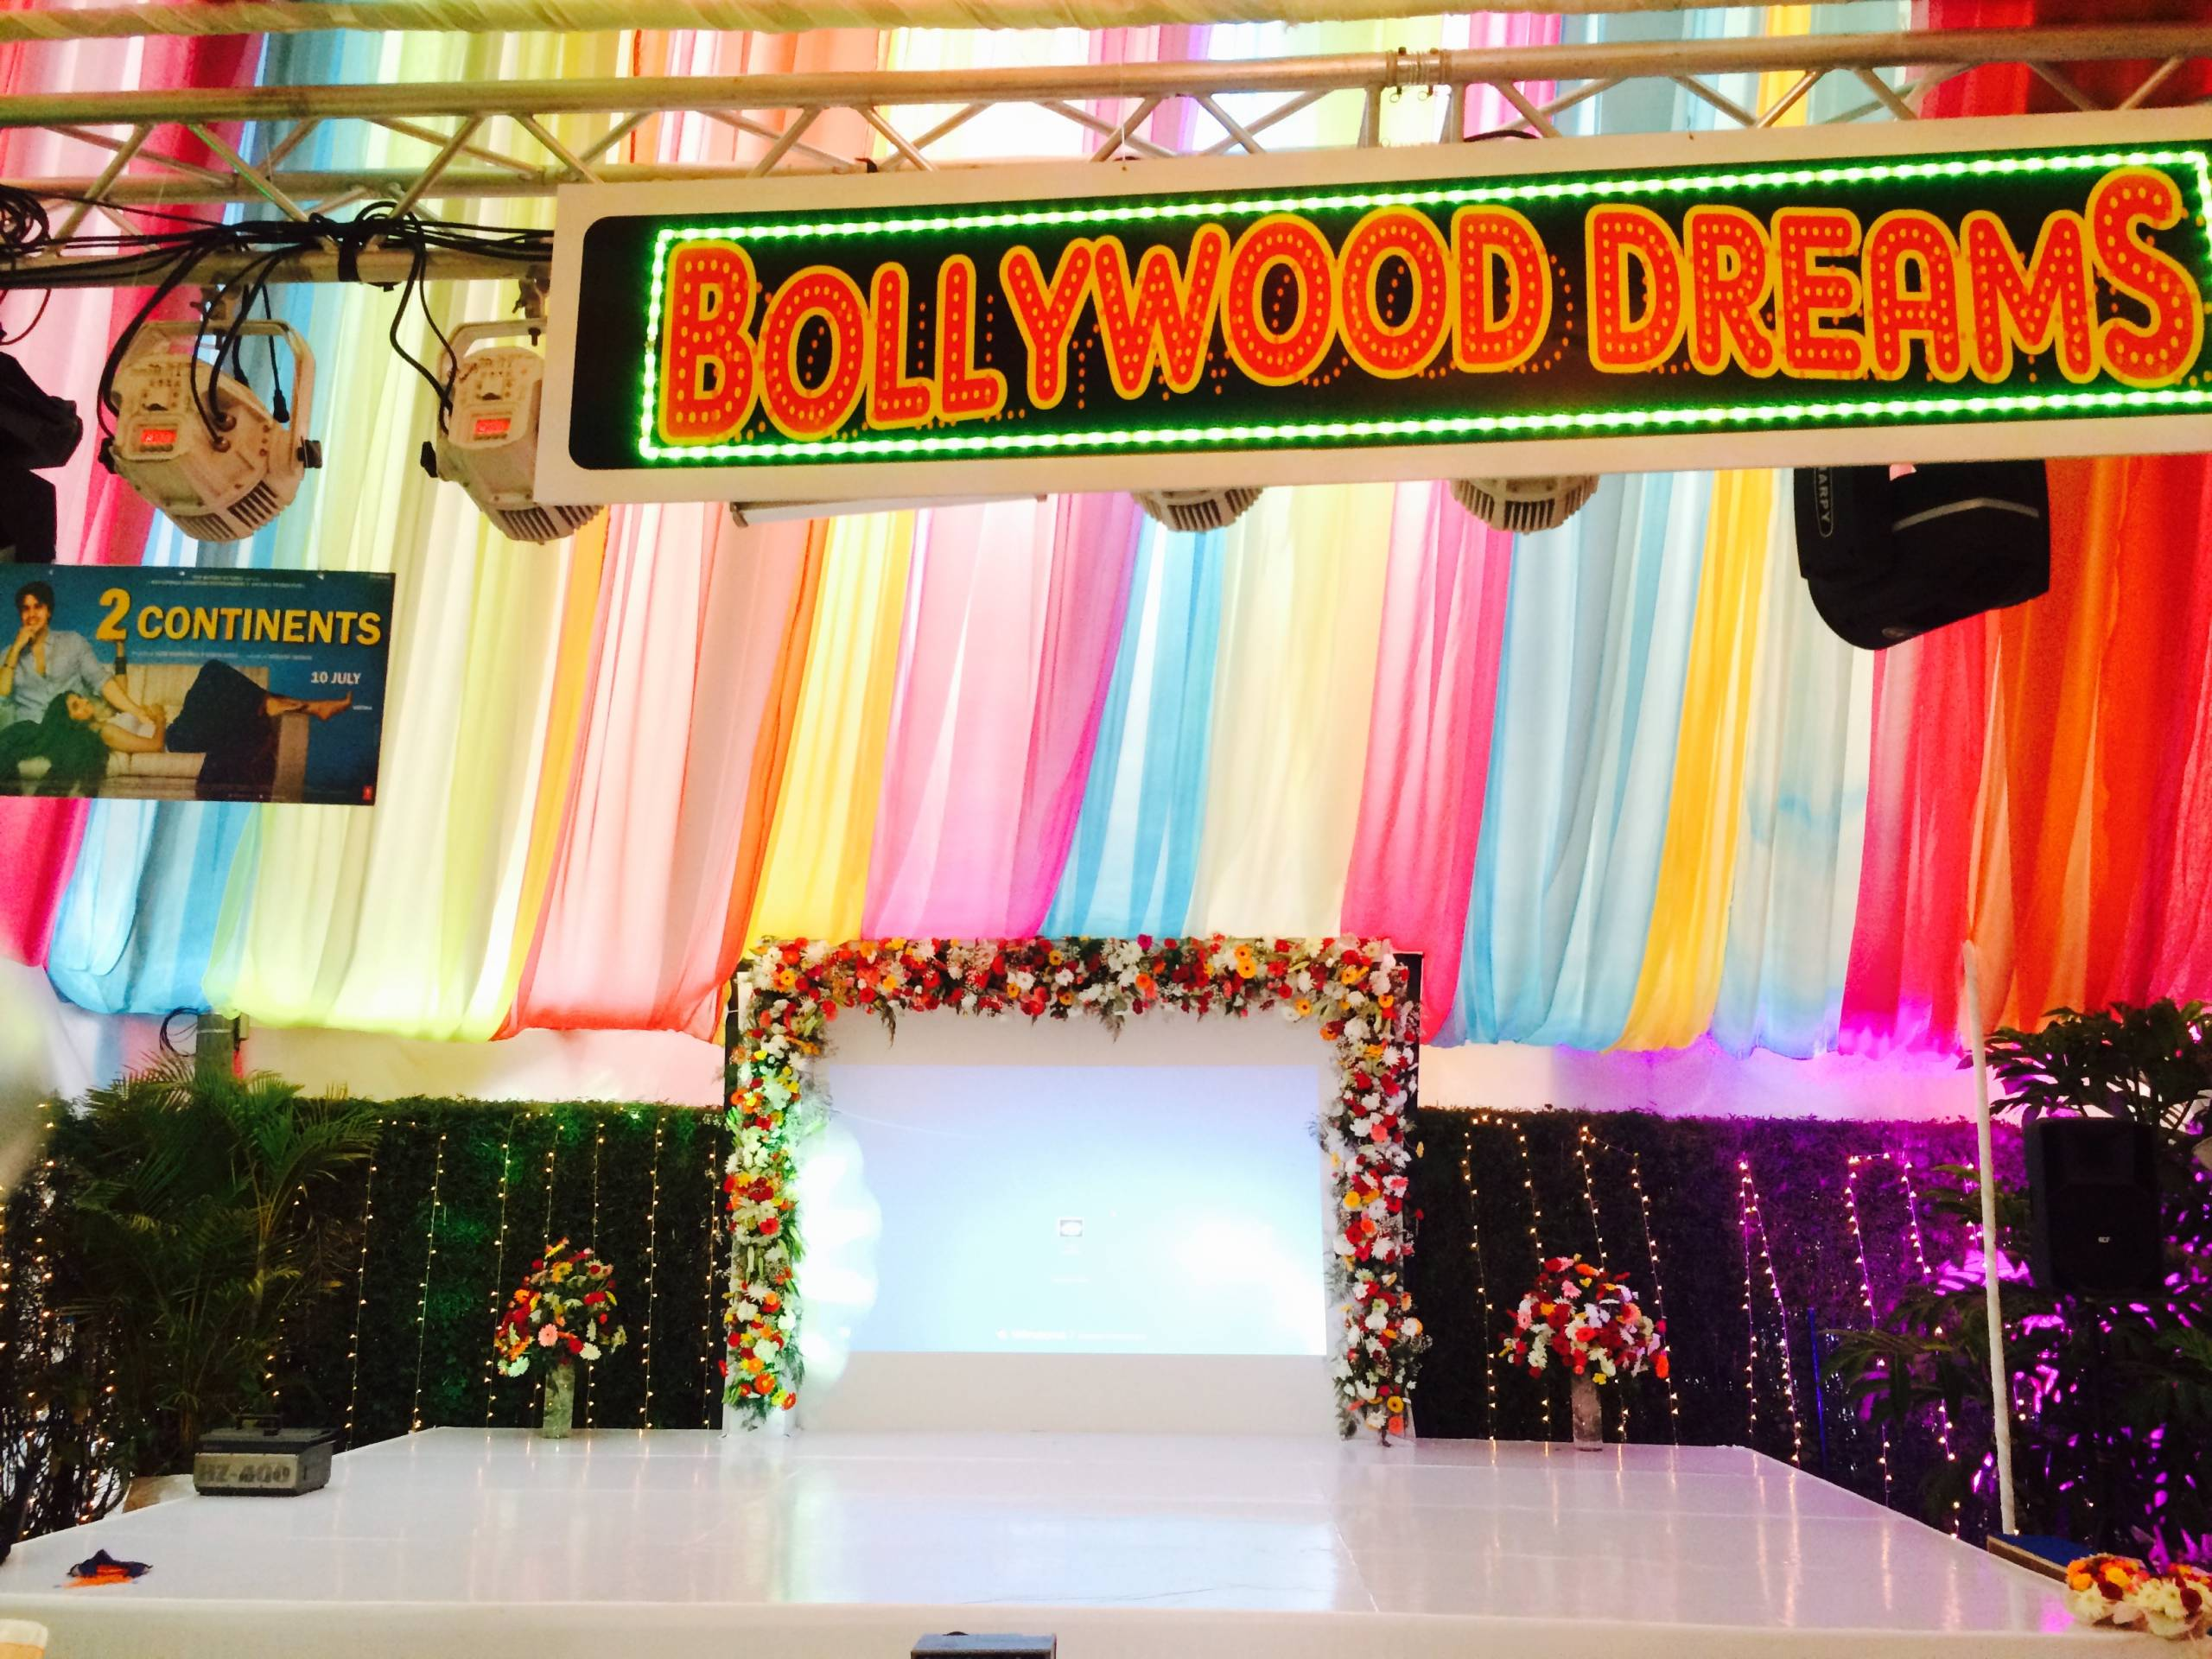 Bollywood dreams theme